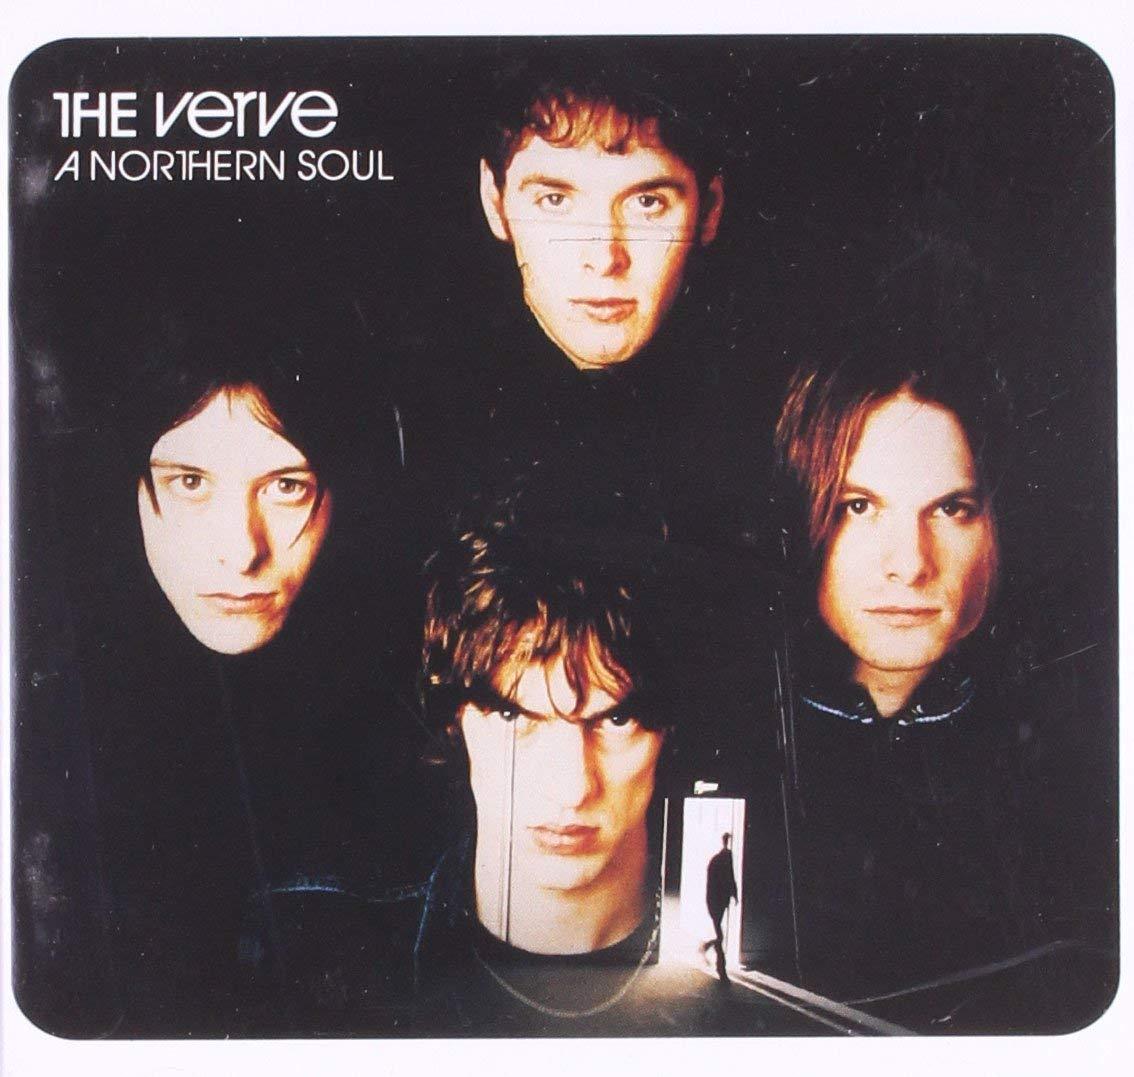 THE VERVE  A Northern Soul, 1995, Owen Morris, 64:01